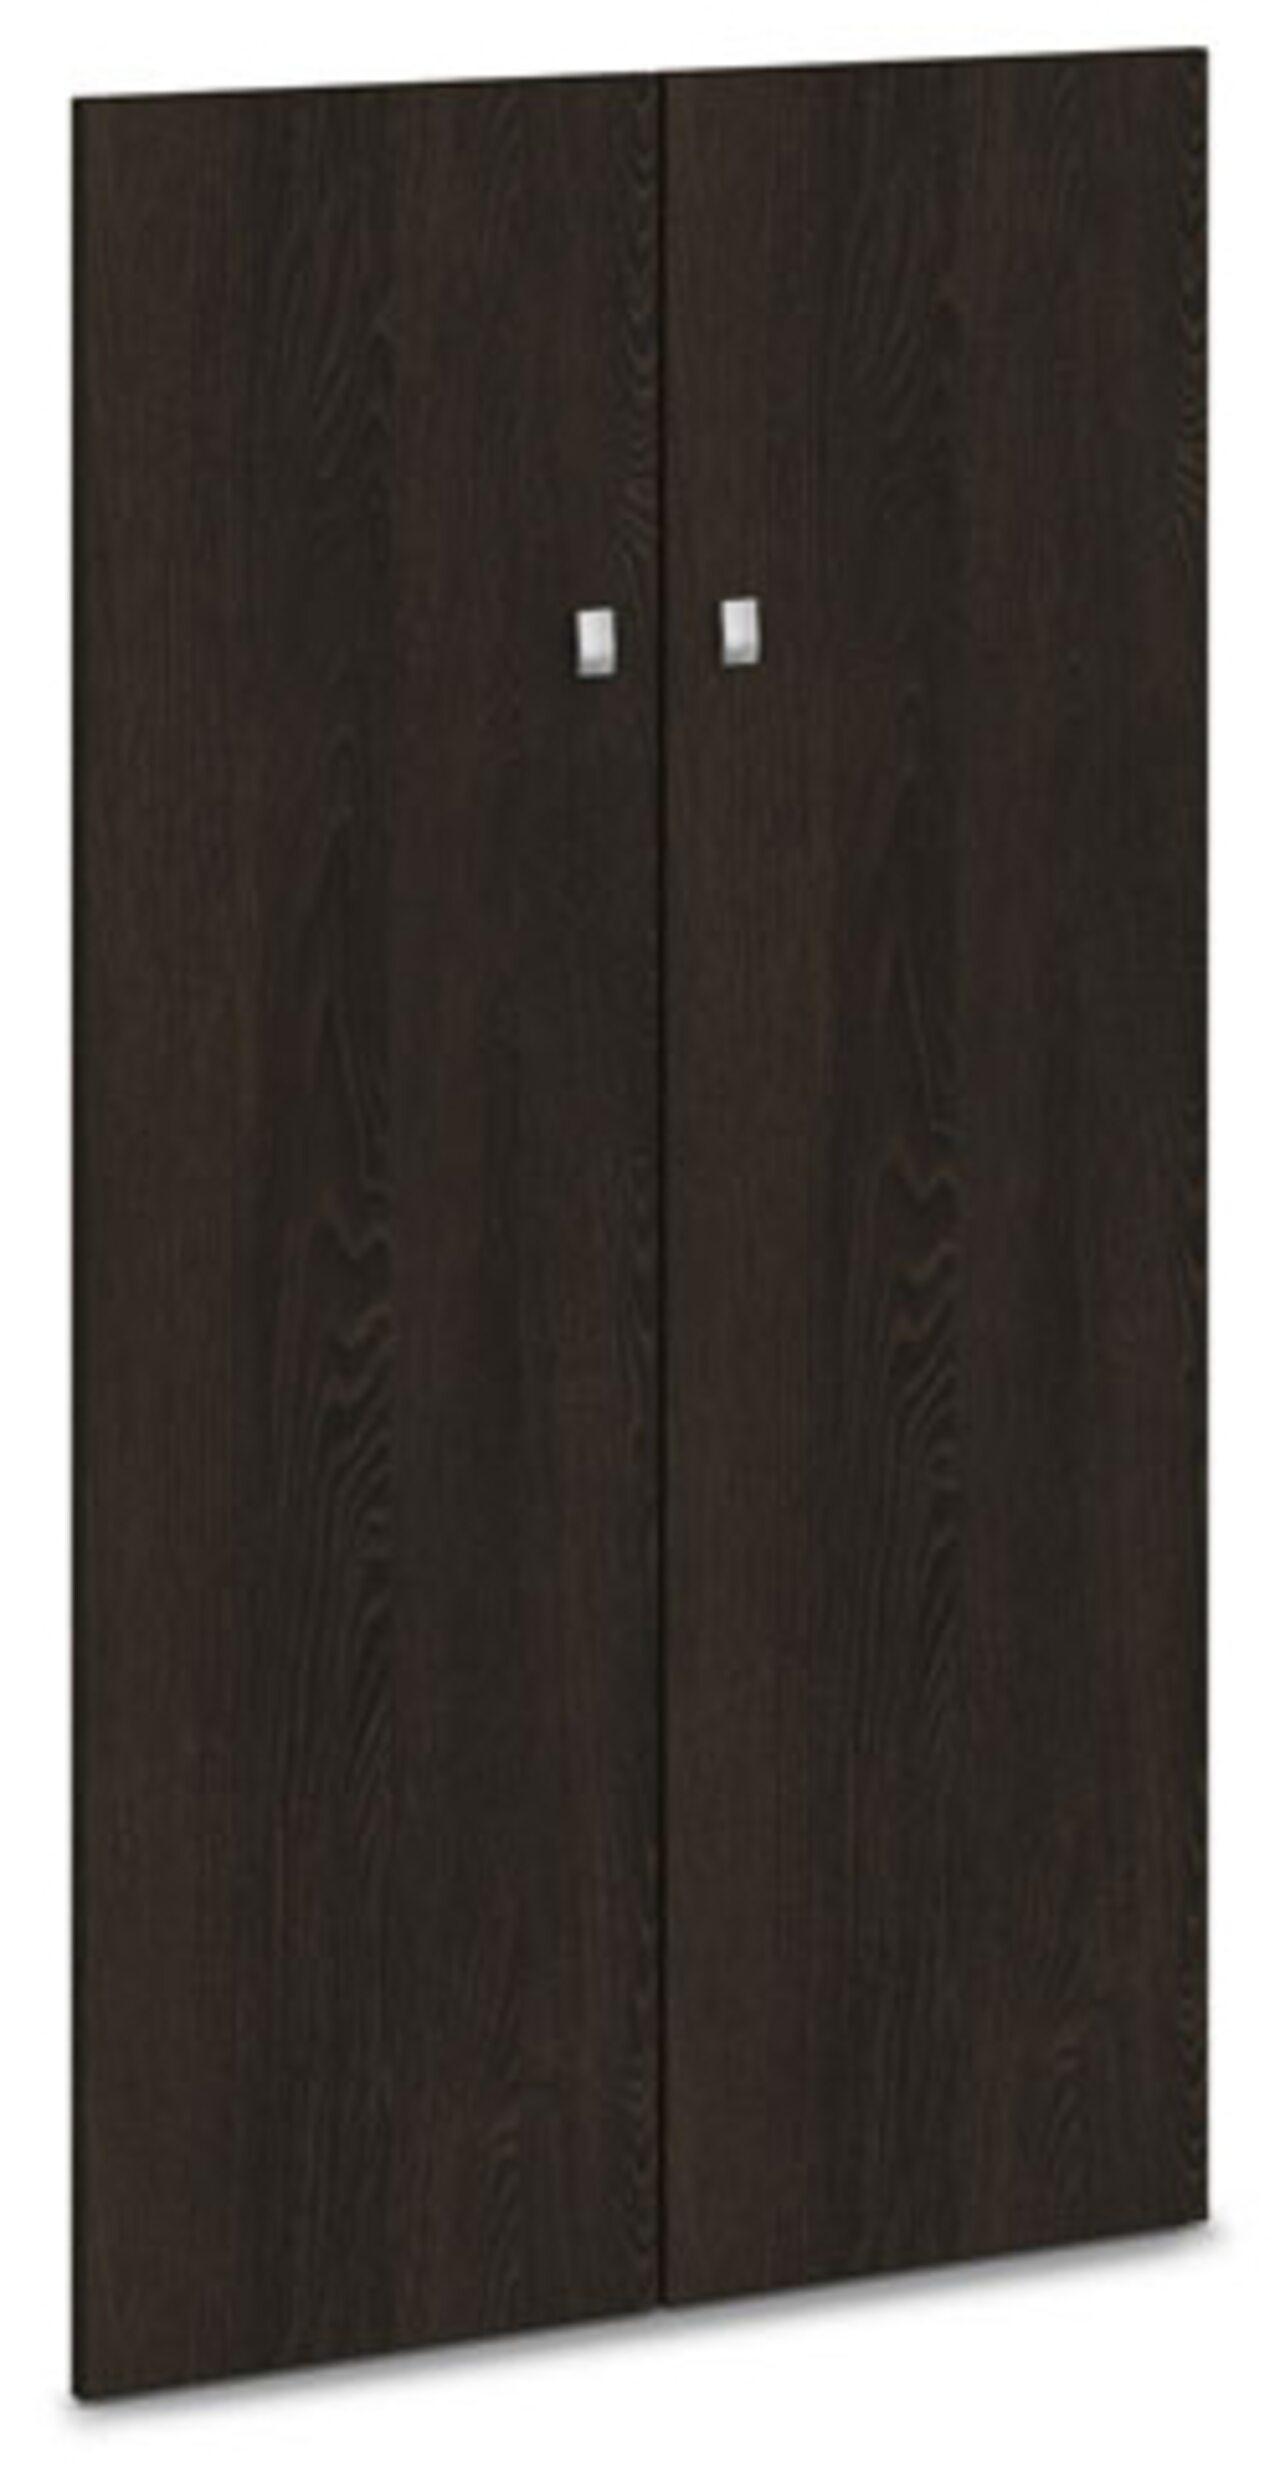 Двери ЛДСП  Vasanta 81x2x141 - фото 3